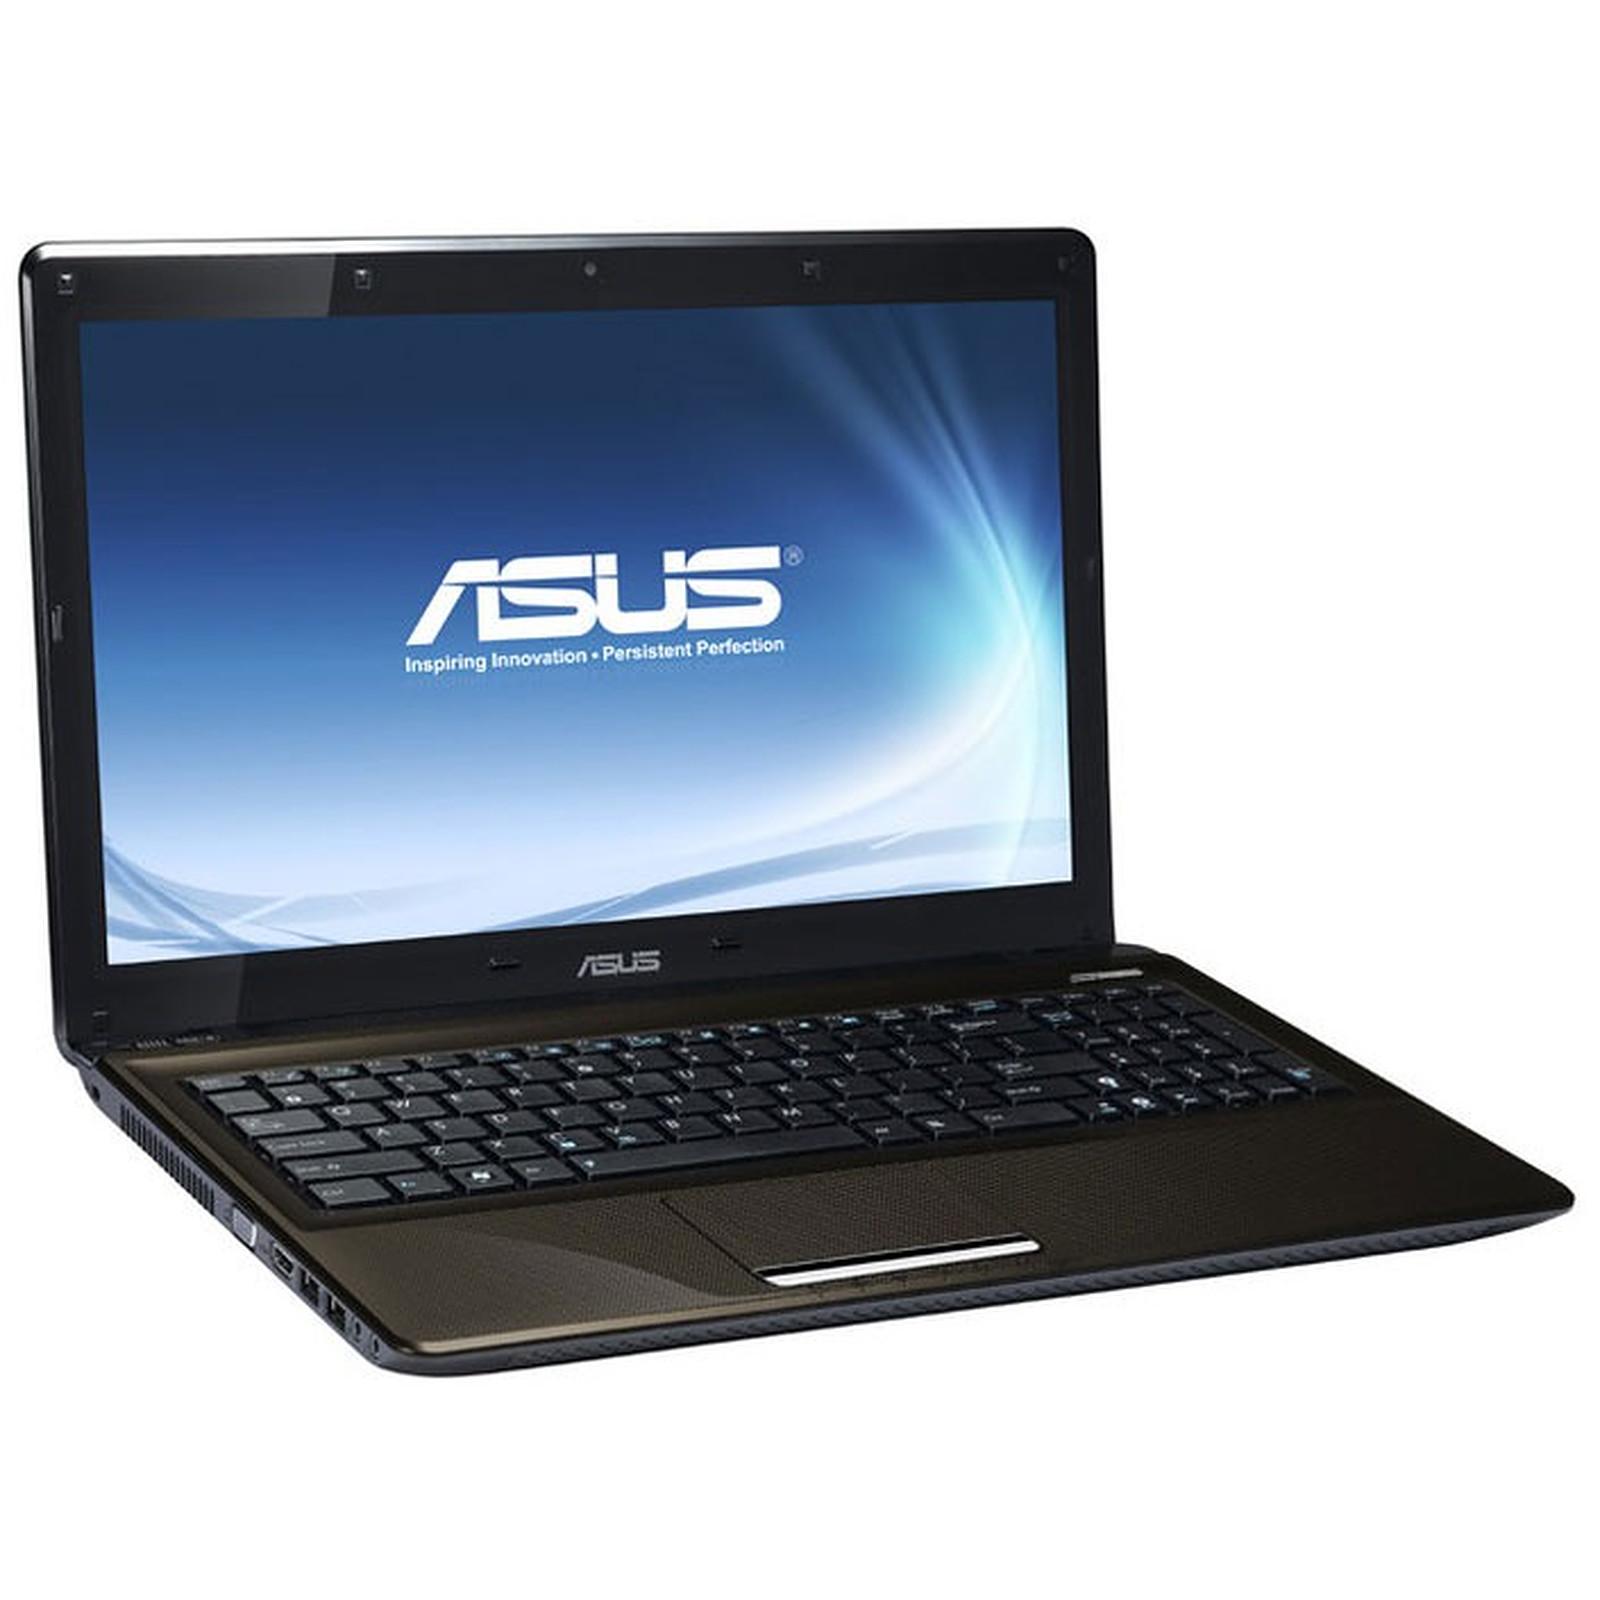 ASUS K52JK-SX012V